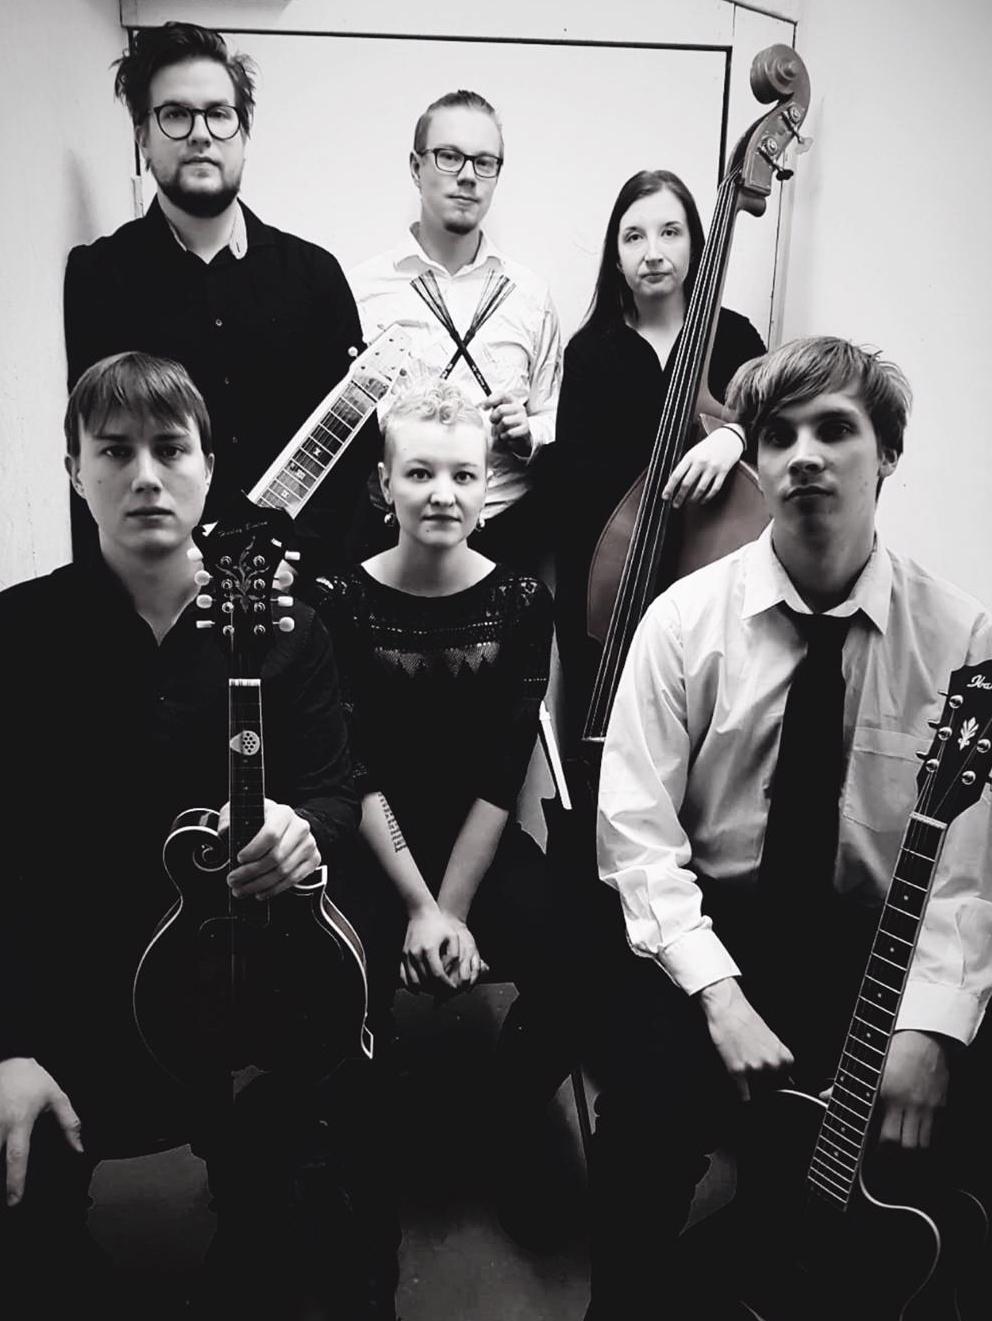 Pari tarinaa - kunnianosoitus Leevi and the Leavingsille -konsertti Metropoliassa 25.9.2020